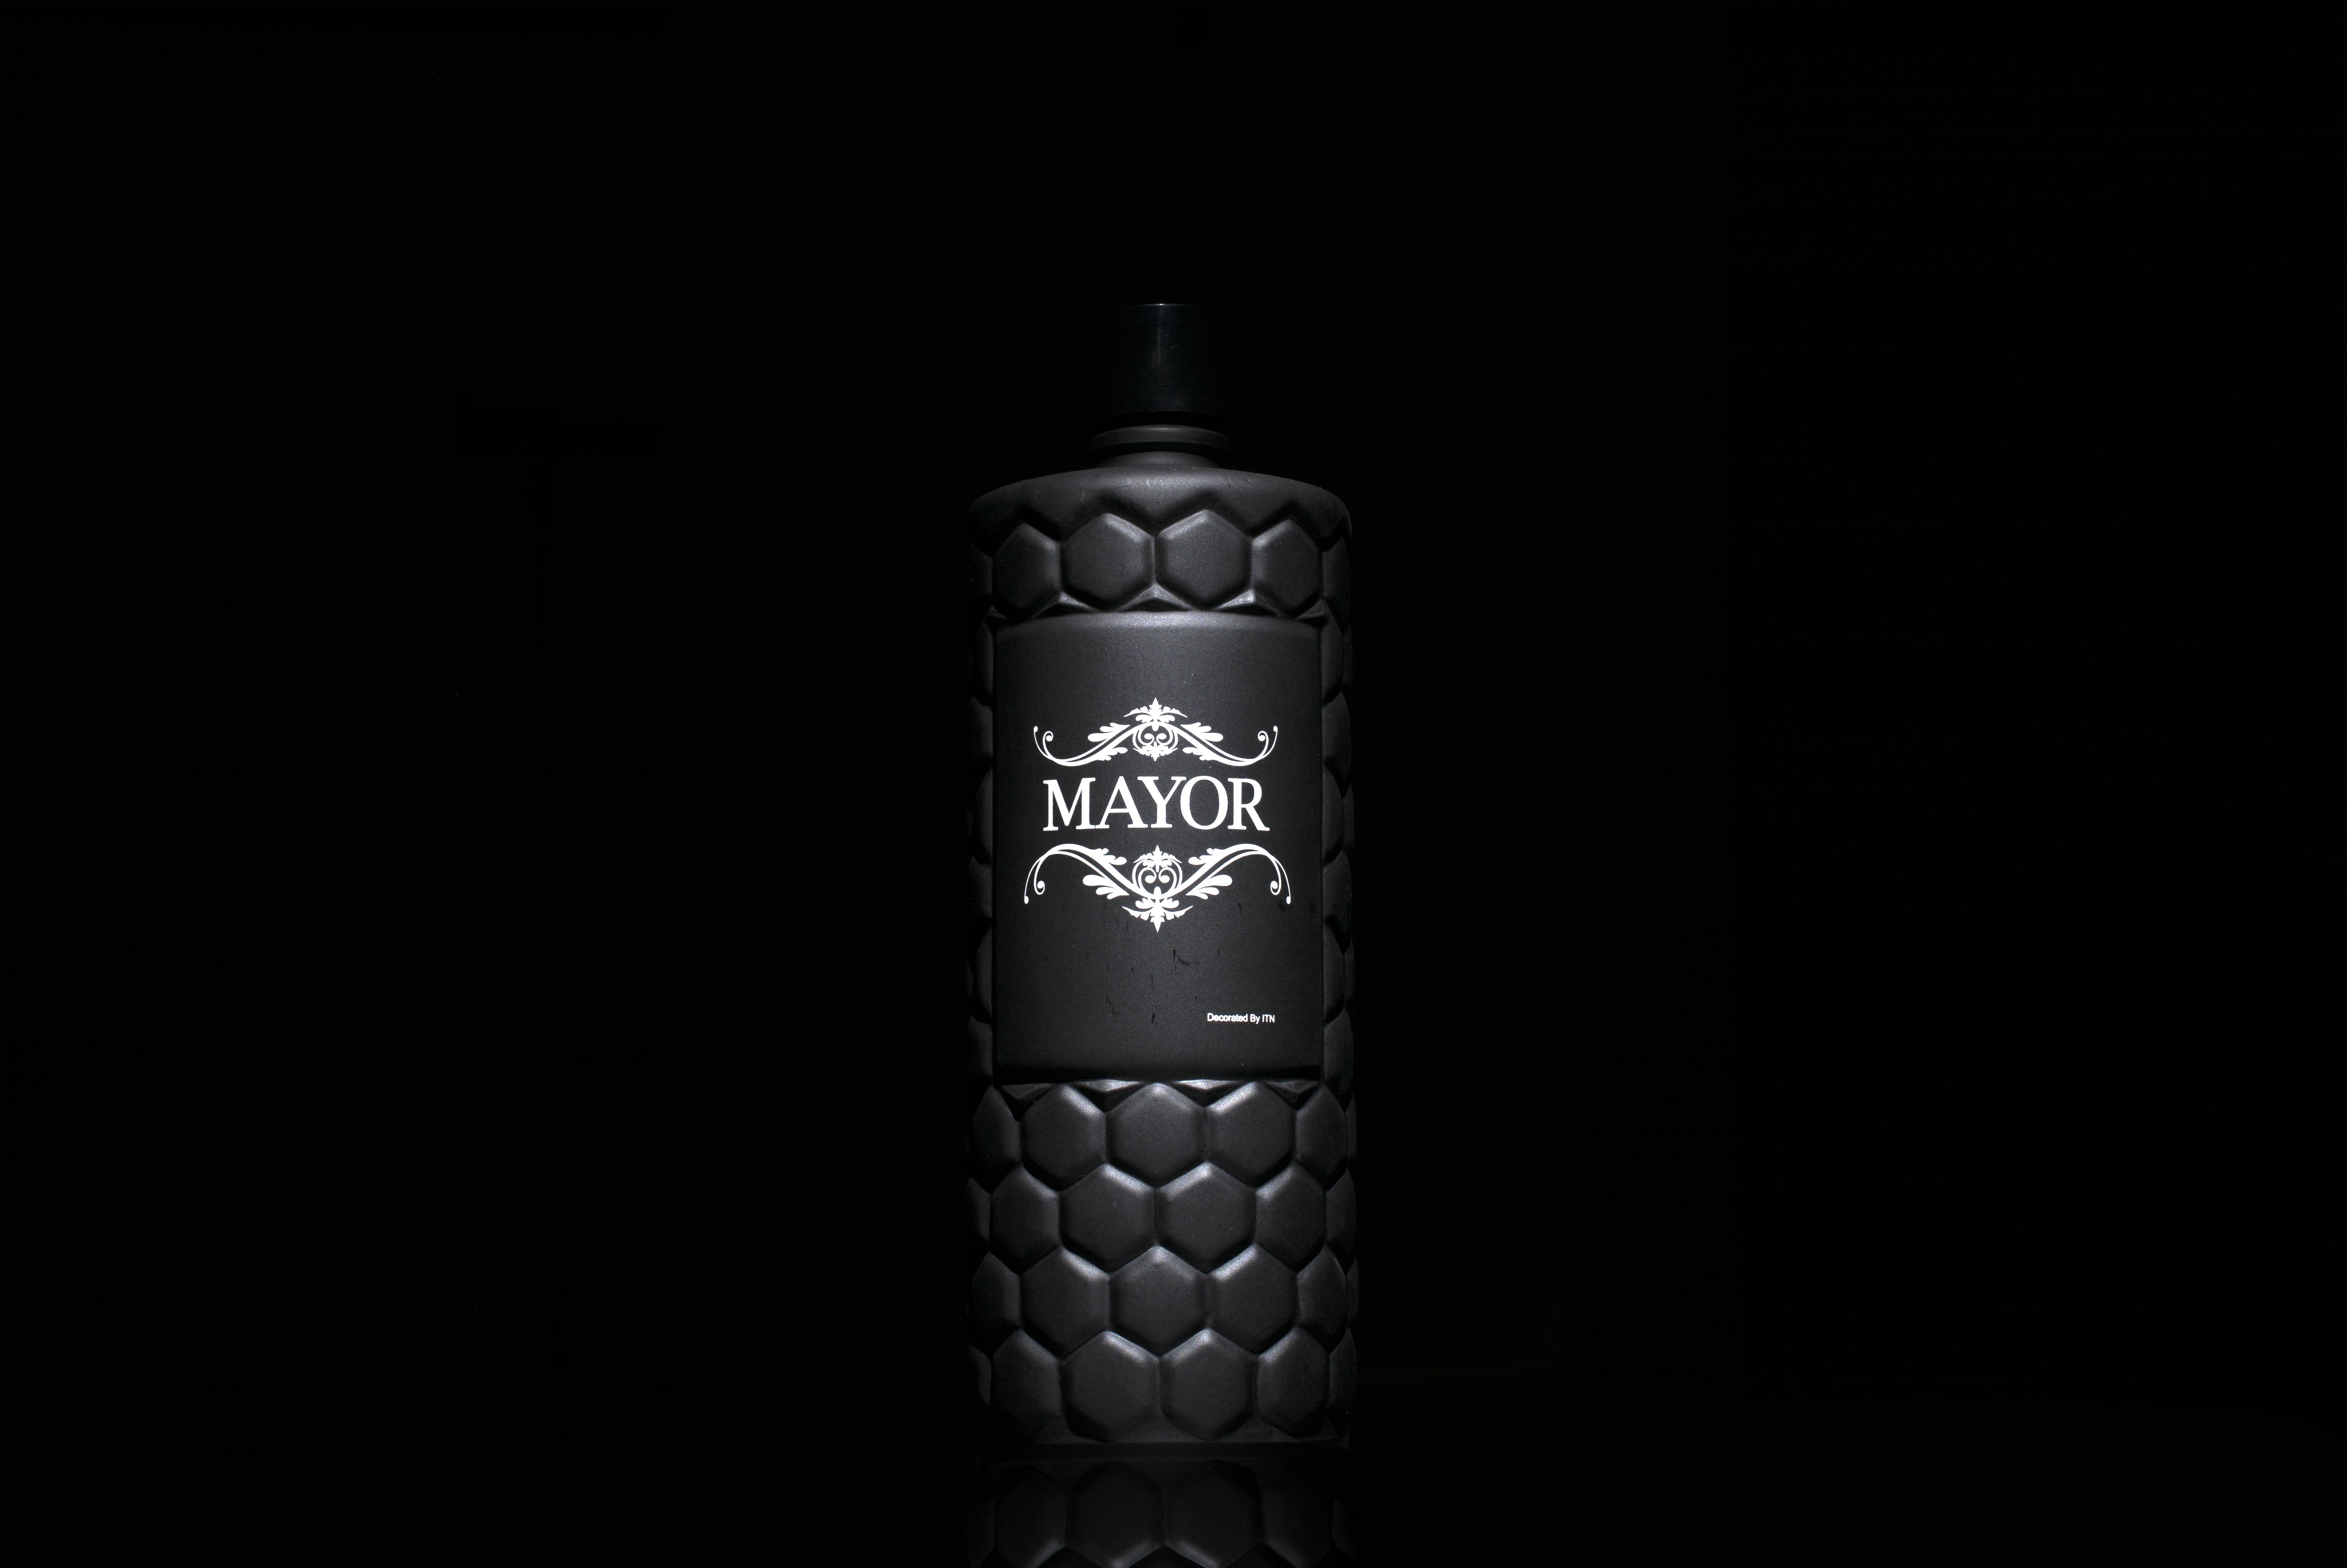 φωτογράφιση μπουκαλιών θεσσαλονίκη product photo